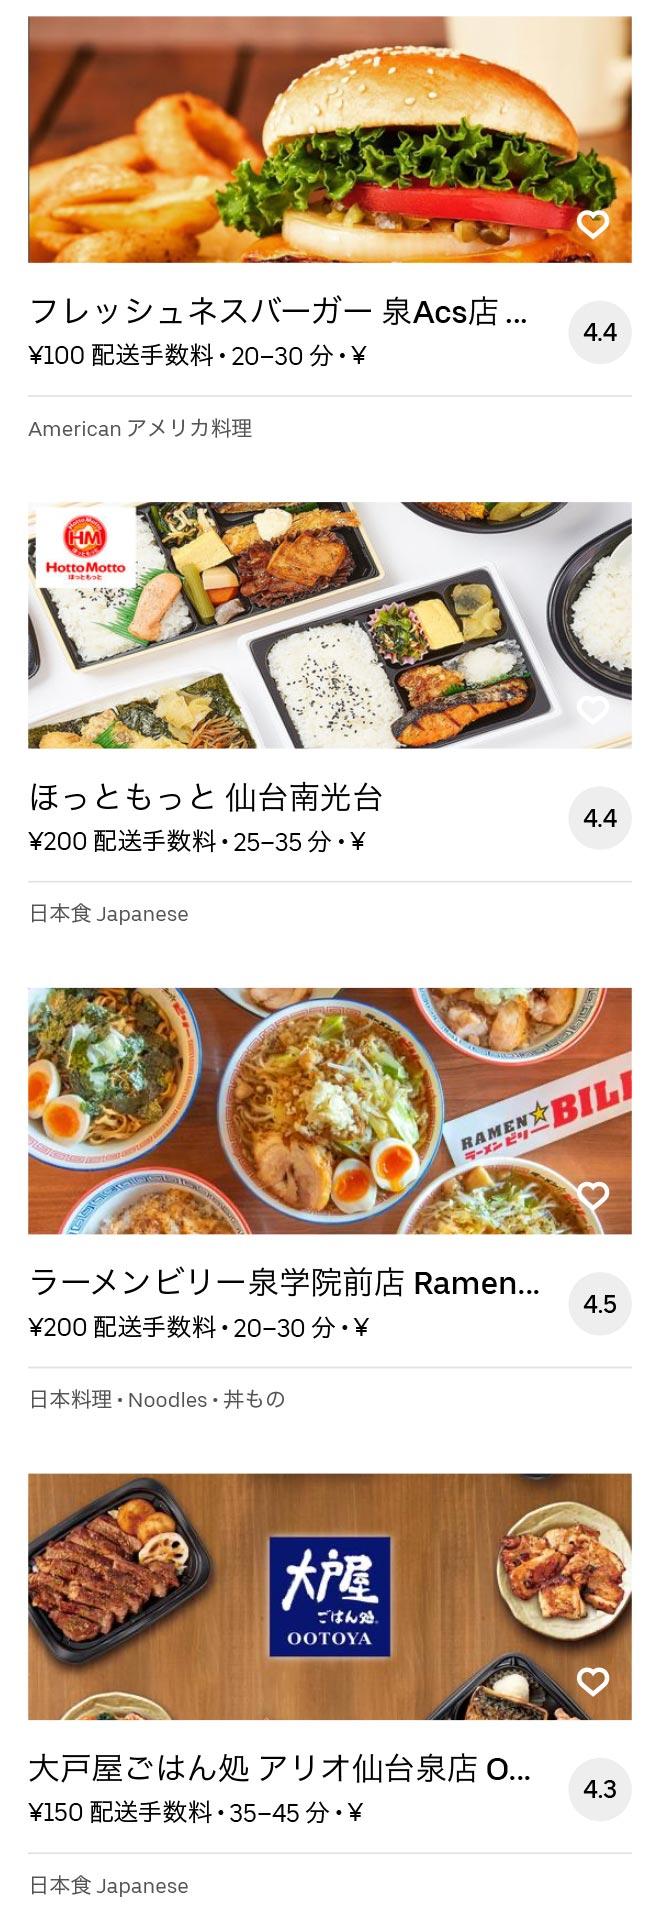 Yaotome menu 2008 02